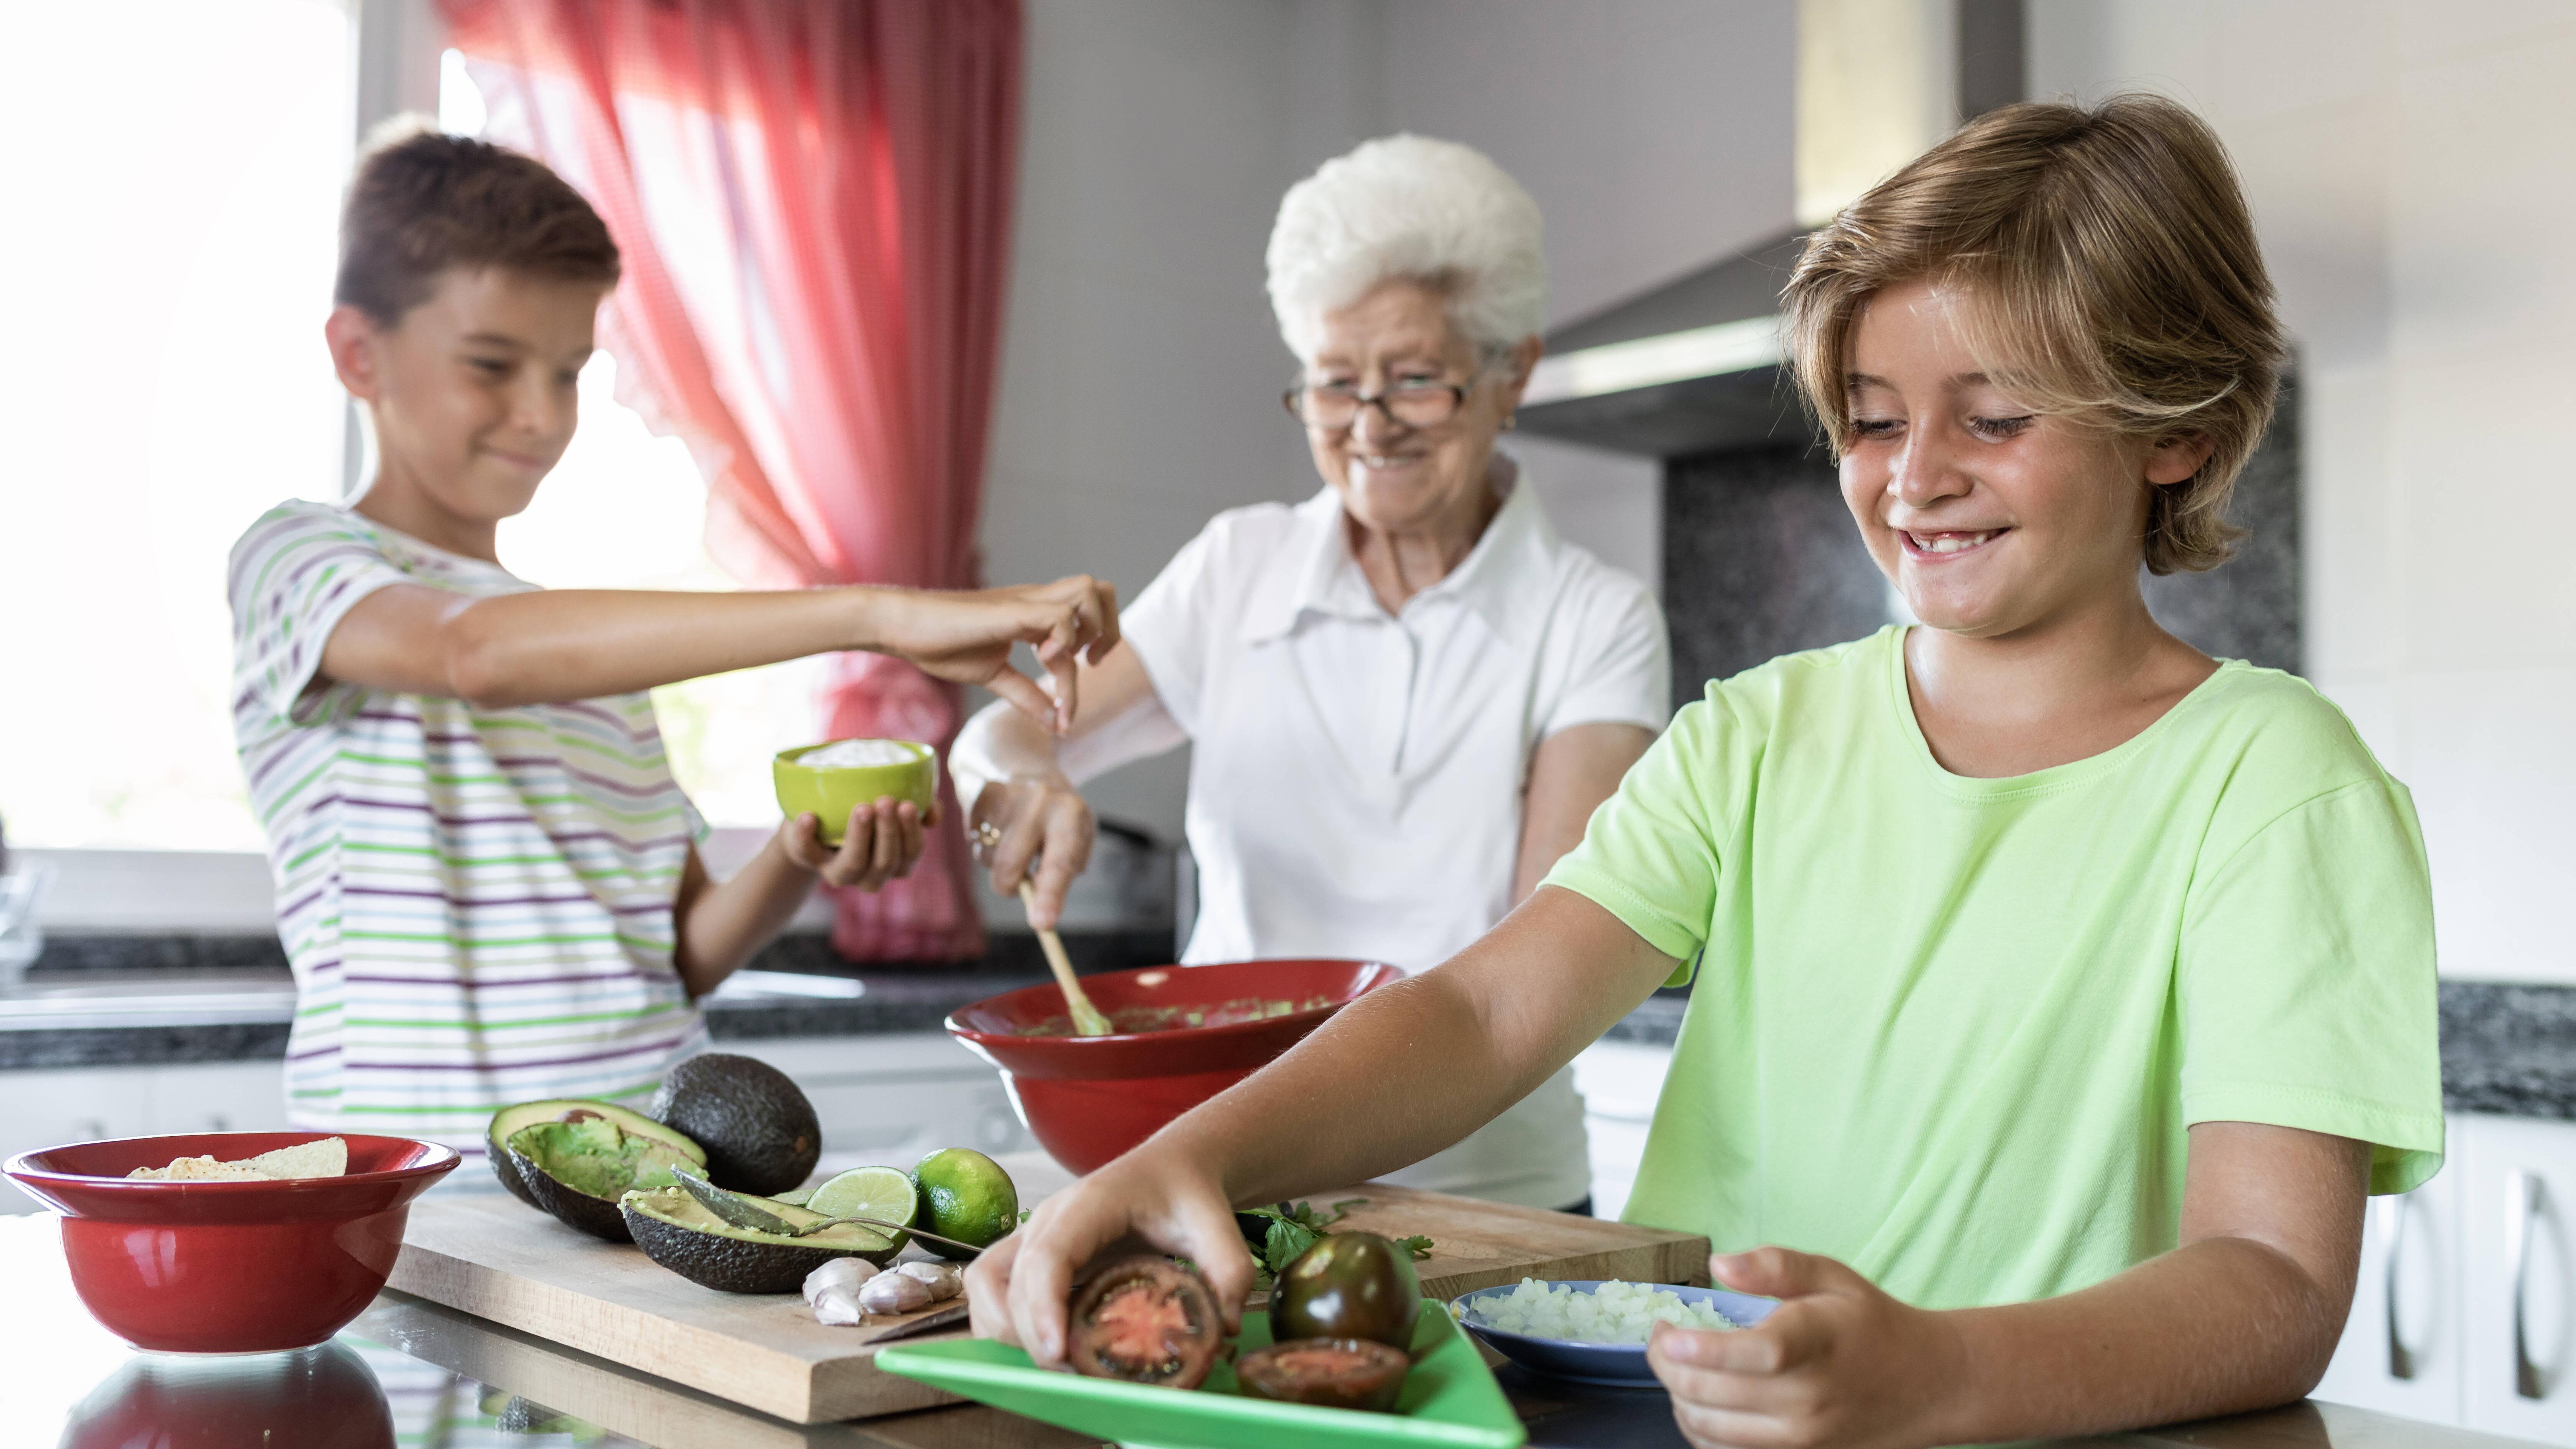 Kochen und Backen kann eine Ihrer Aufgaben sein als Leihoma.